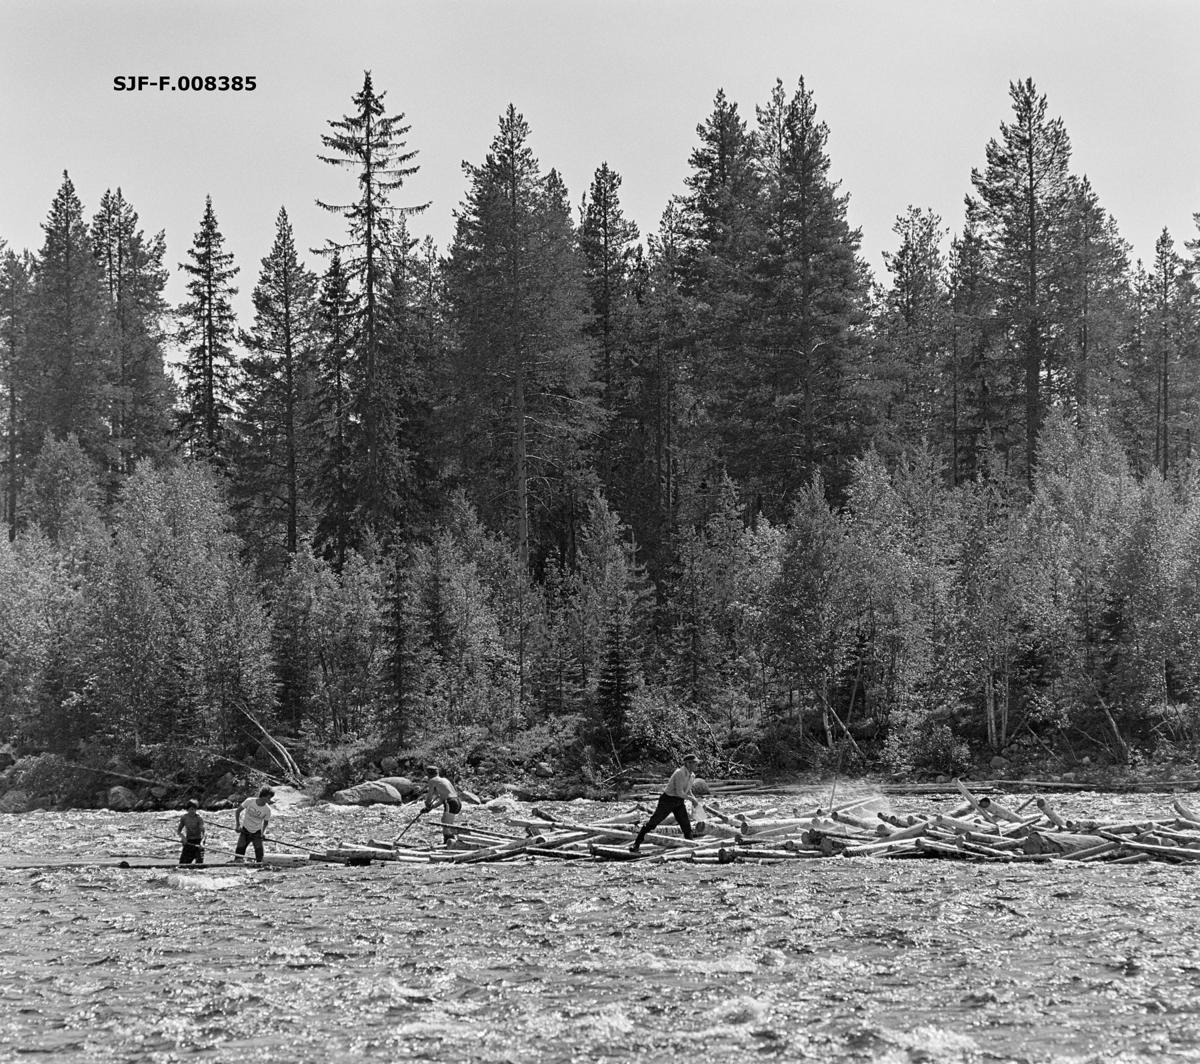 Fra tømmerfløtinga i Trysilelva i juni 1978.  Bildet er tatt på tvers av elveløpet, hvor det hadde satt seg fast en del tømmer (slipvirke), antakelig i et grunt parti i ellers hurtigstrømmende vann.  Da dette fotografiet ble tatt arbeidet fire sommerlig antrukne fløtere med å løsne stokkene på den nedre delen av haugen. Karene var (fra venstre) Kjetil Olager fra Innbygda i Trysil, Bjørn Graff, Einar Liberg og Ole K. Rømoen, de tre siste fra Jordet i Trysil. På motsatt elvebredd vokste det småskog, med et eldre blandingsbestand av furu og gran i bakgrunnen.  I 1978 skal det ha vært innmeldt 70 699 kubikkmeter tømmer til fløting i Trysilelva.  Tømmeret gikk til svenske kjøpere, som til sammen skal ha mottatt 112 463 fra Trysilvassdragets nedslagsfelt.  Differensen mellom de to tallene må antakelig ha vært virke som ble transportert over riksgrensa på lastebiler.   I 1978 sysselsatte Klarälvens flottningsförening 27-28 sesongarbeidere med fløting på norsk side av grensa.  Mange av disse var veteraner, men fløtingsledelsen var opptatt av å rekruttere yngre aktører også, med sikte på at fløtinga i Trysil skulle fortsette sjøl om den ble nedlagt i mange andre vassdrag.  Langs Trysilvassdraget var det stor interesse for slikt arbeid. Fløting.